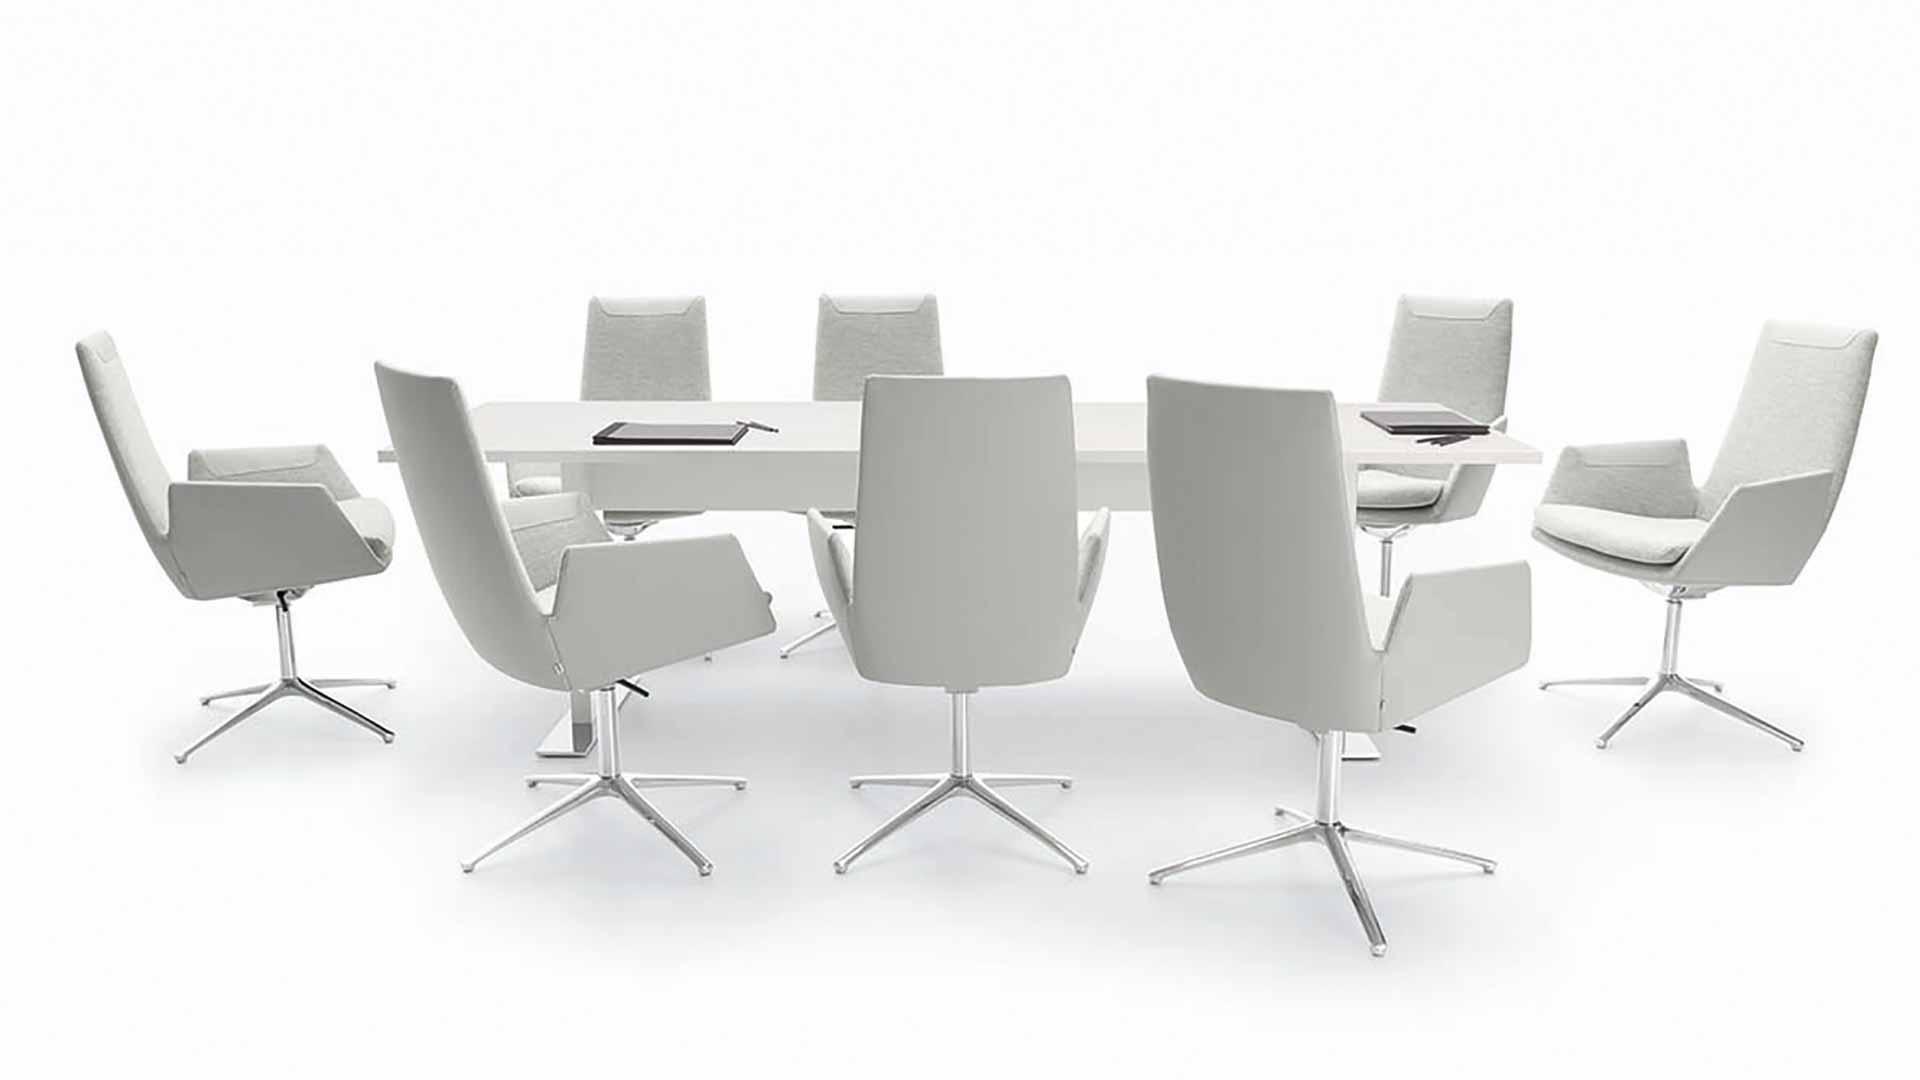 Polstermöbel Tische Und Stühle Von Cor Möbel Bad Neuenahr